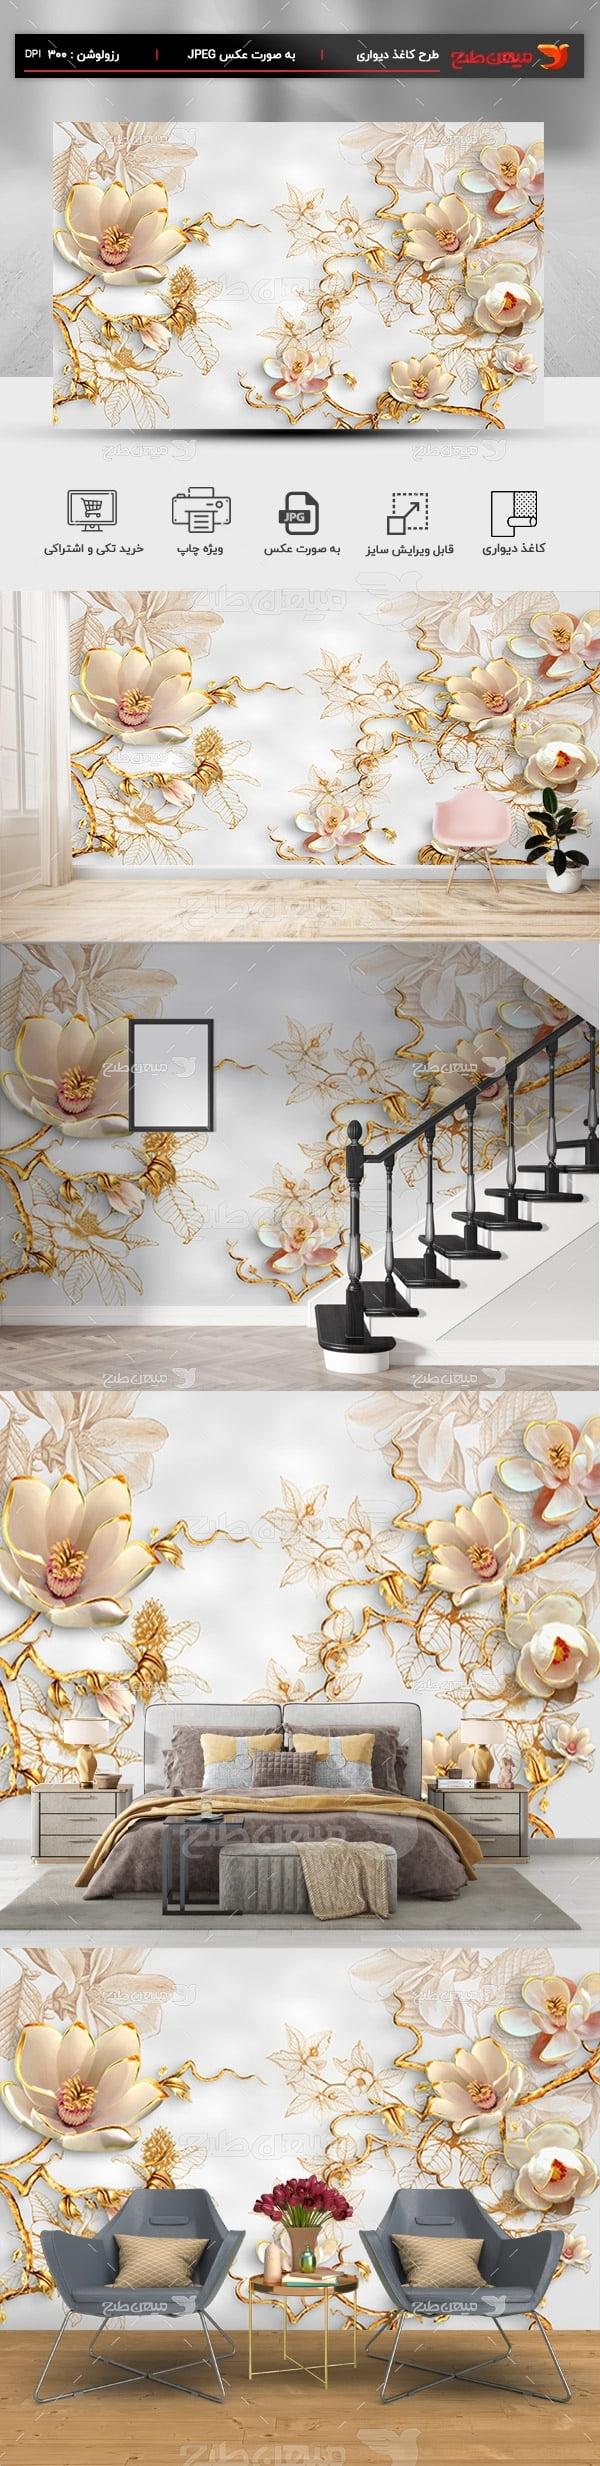 پوستر کاغذ دیواری سه بعدی طوسی و  گل طلایی